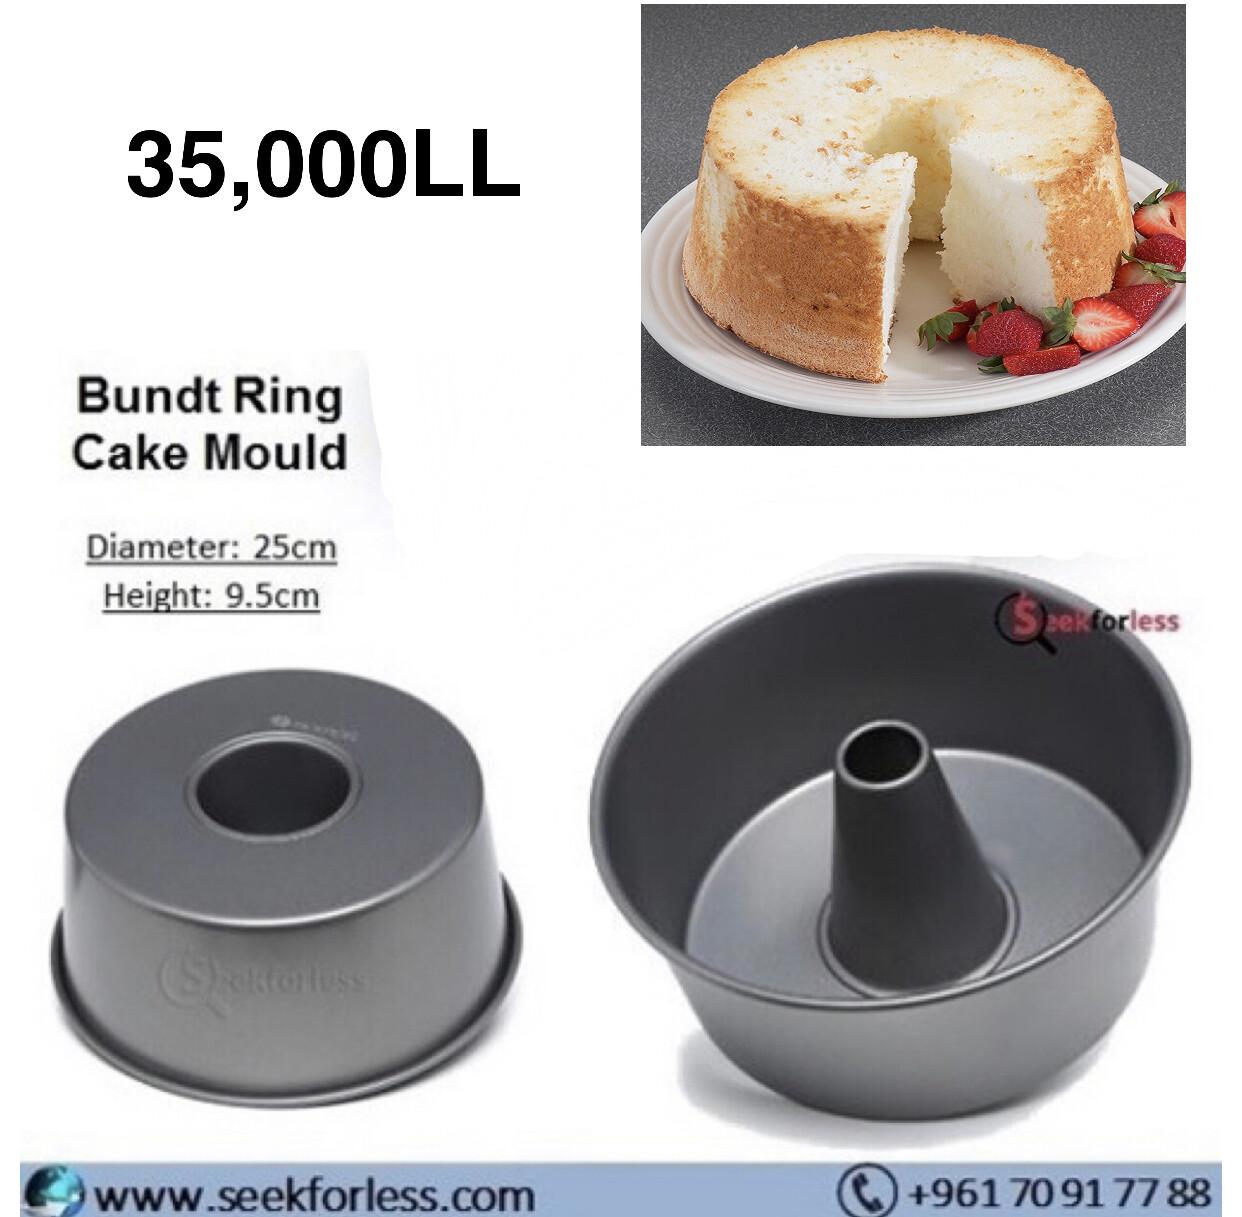 Bundt Ring Cake Mould